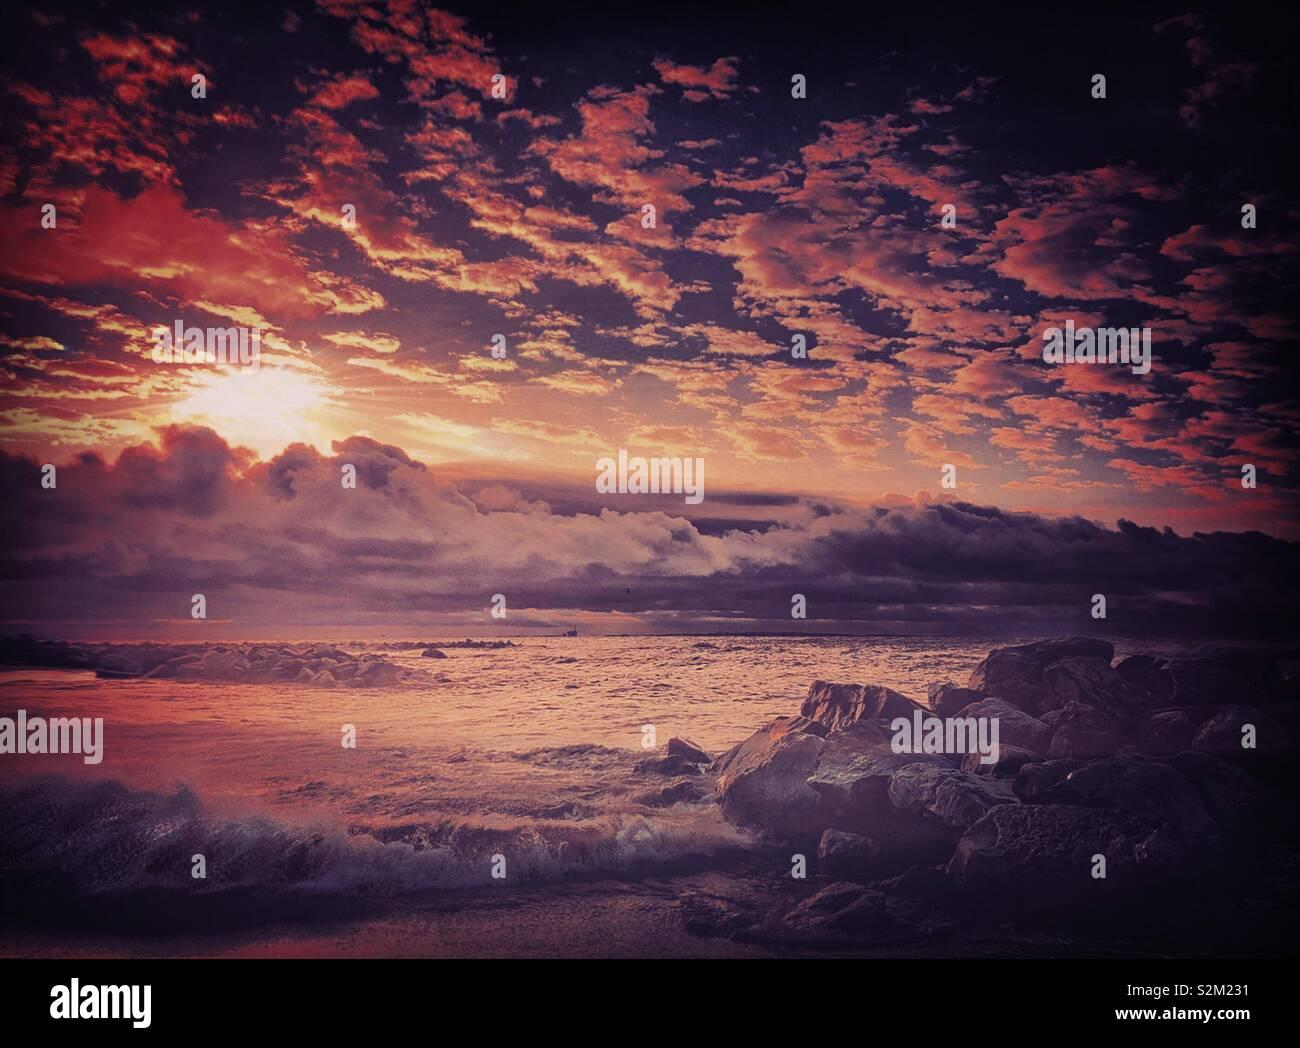 Amanecer del Viernes Santo en Dauphin Island, Alabama. Foto de stock